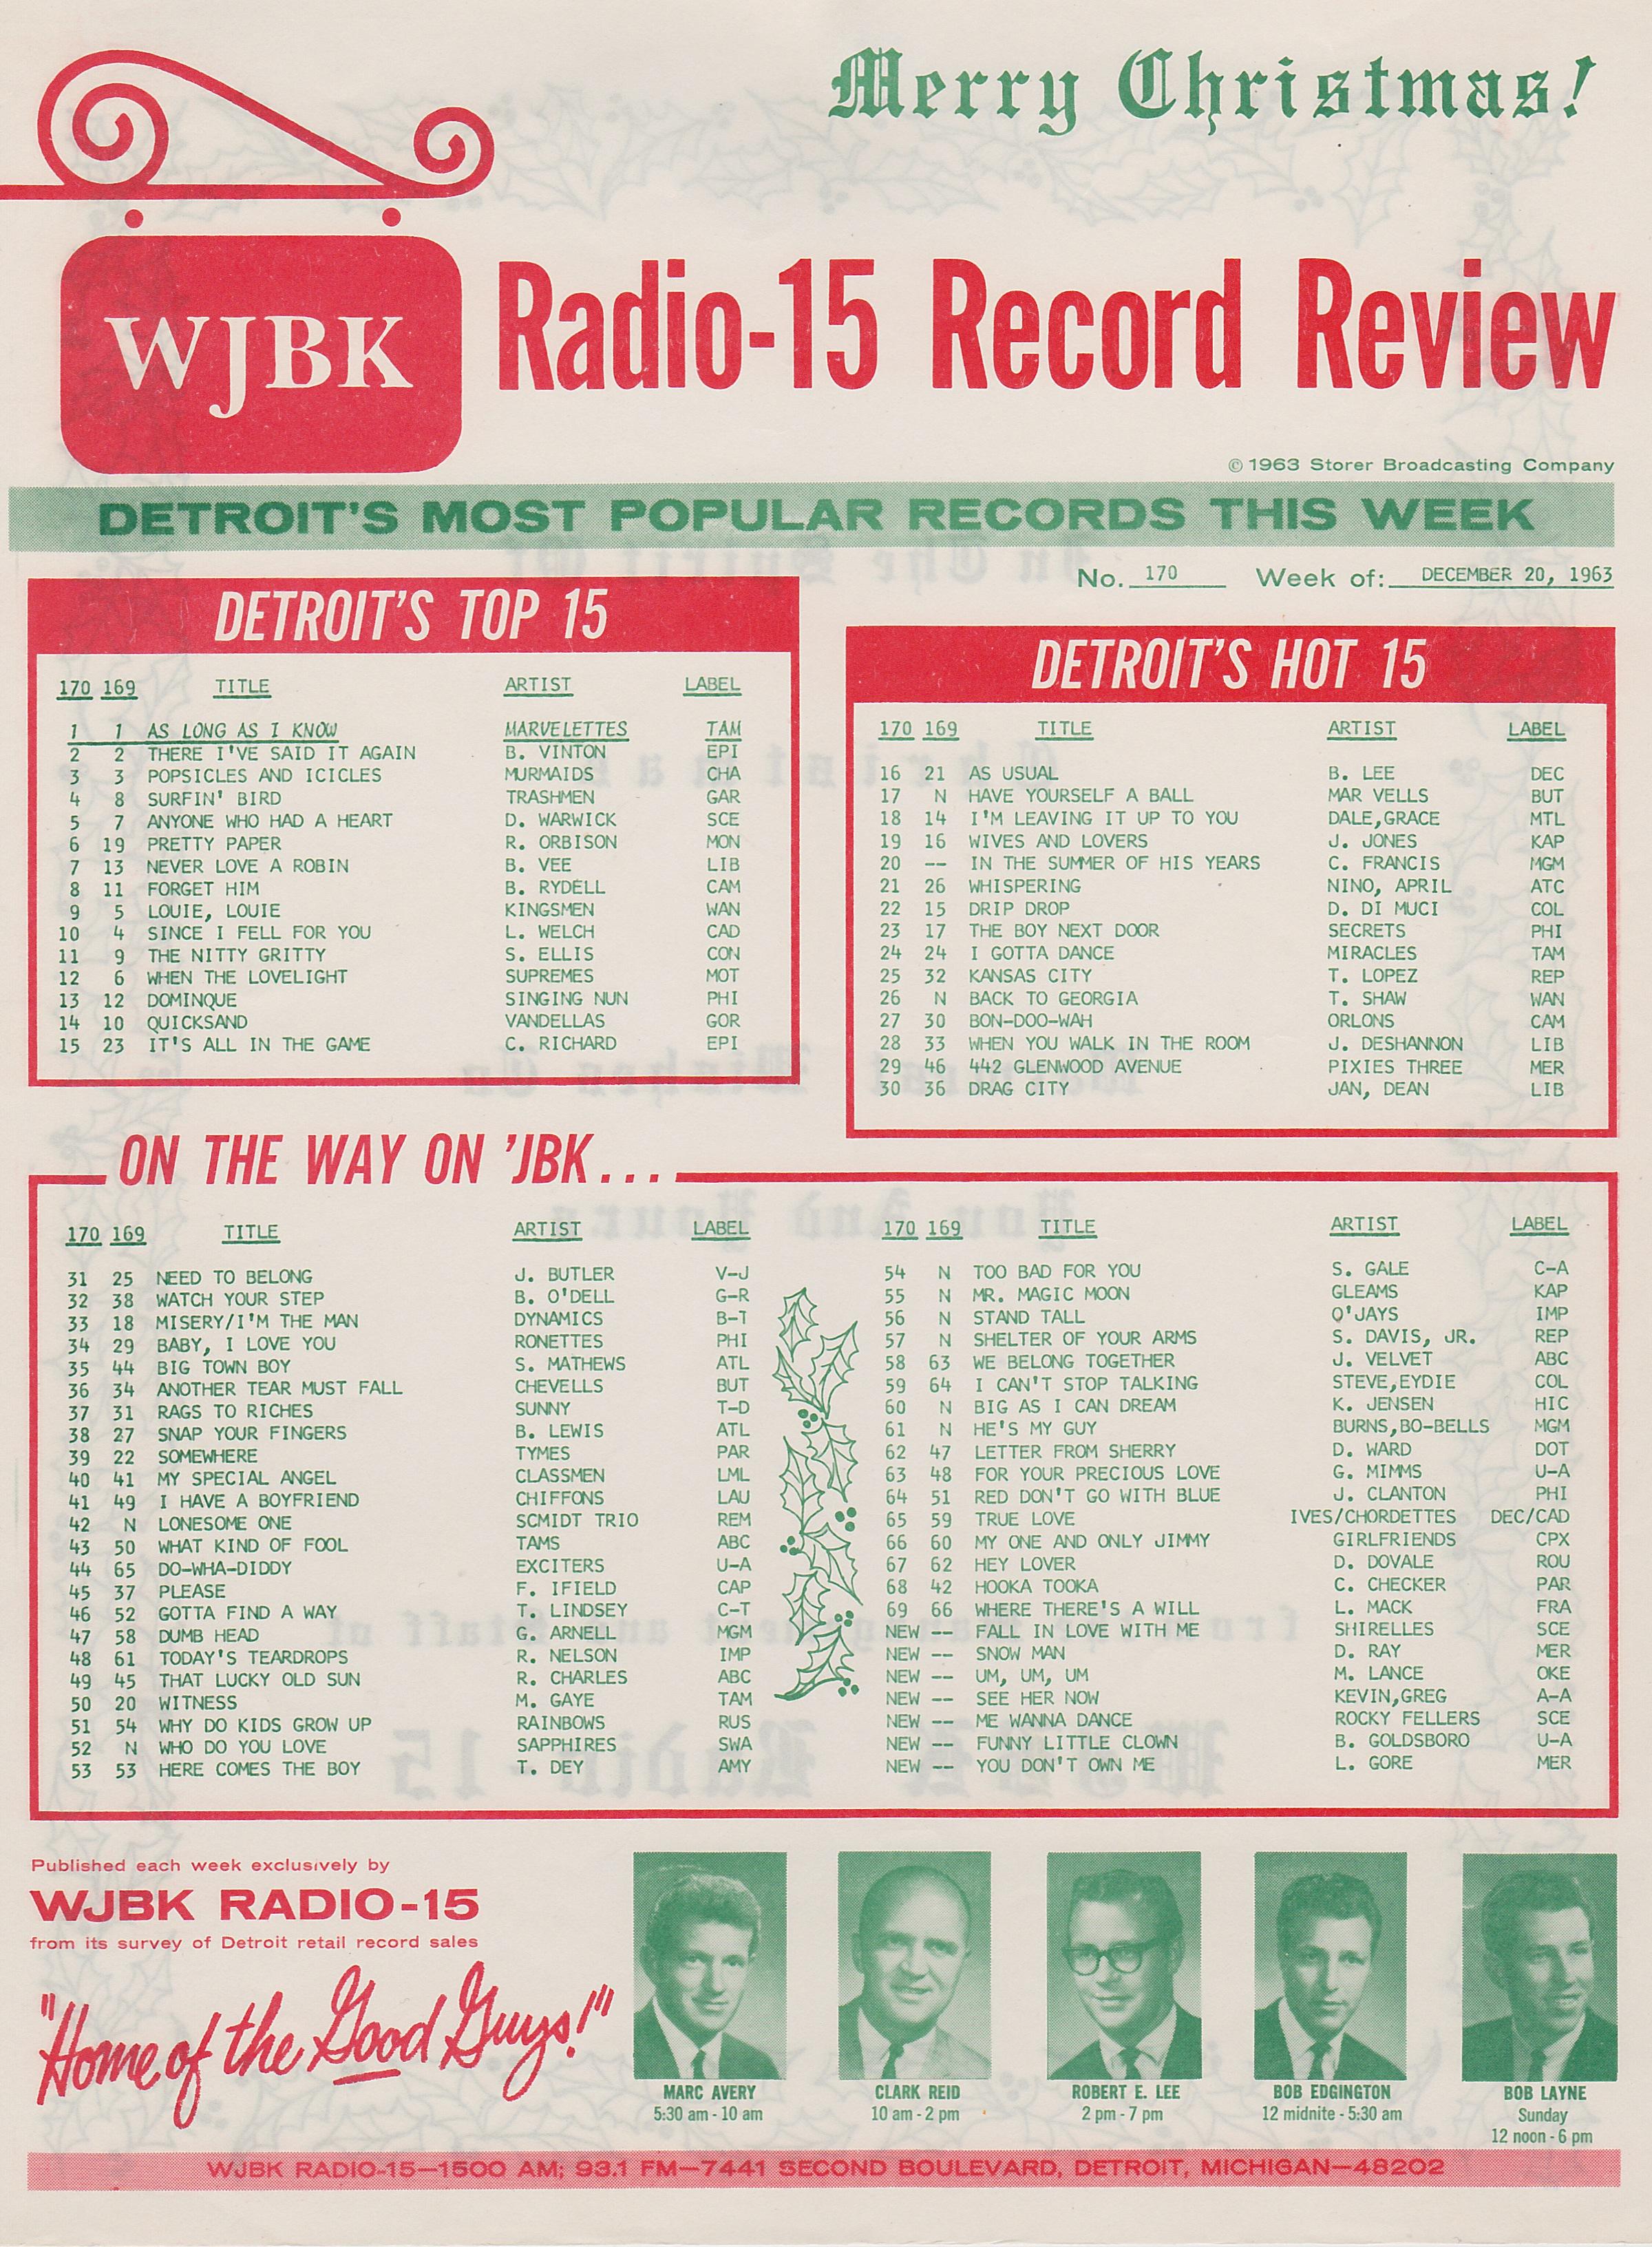 WJBK-Survey-December-20-1963-Front